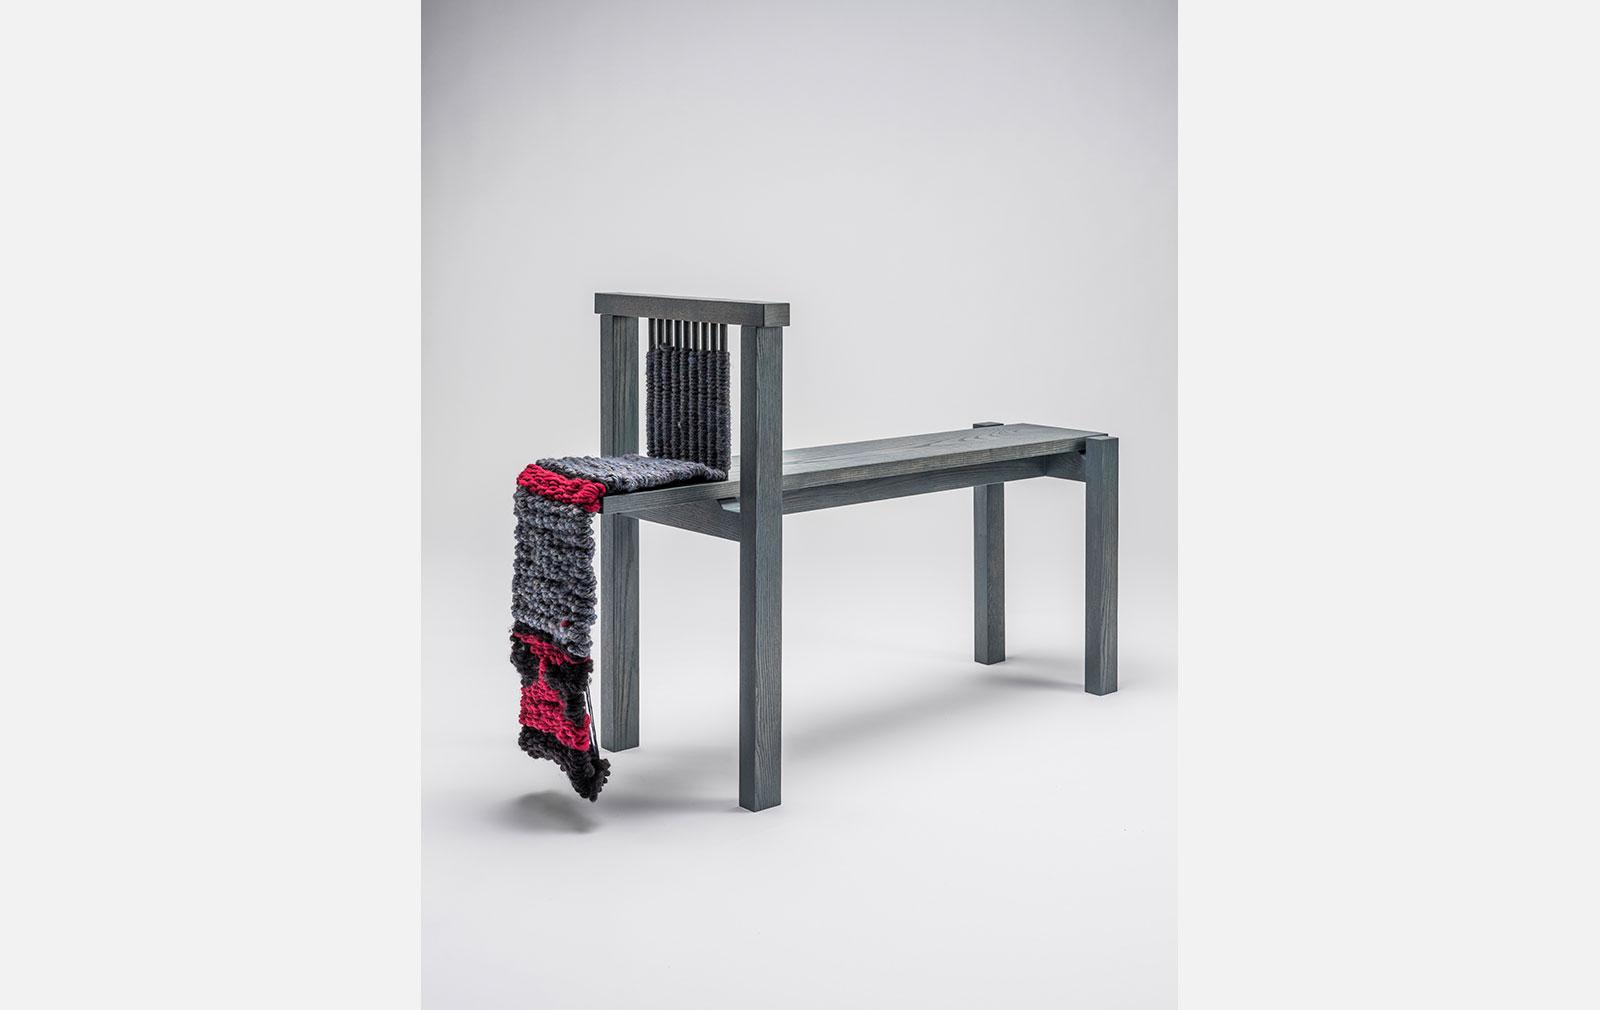 Bloom bench by Nikobo at Milan Design Week